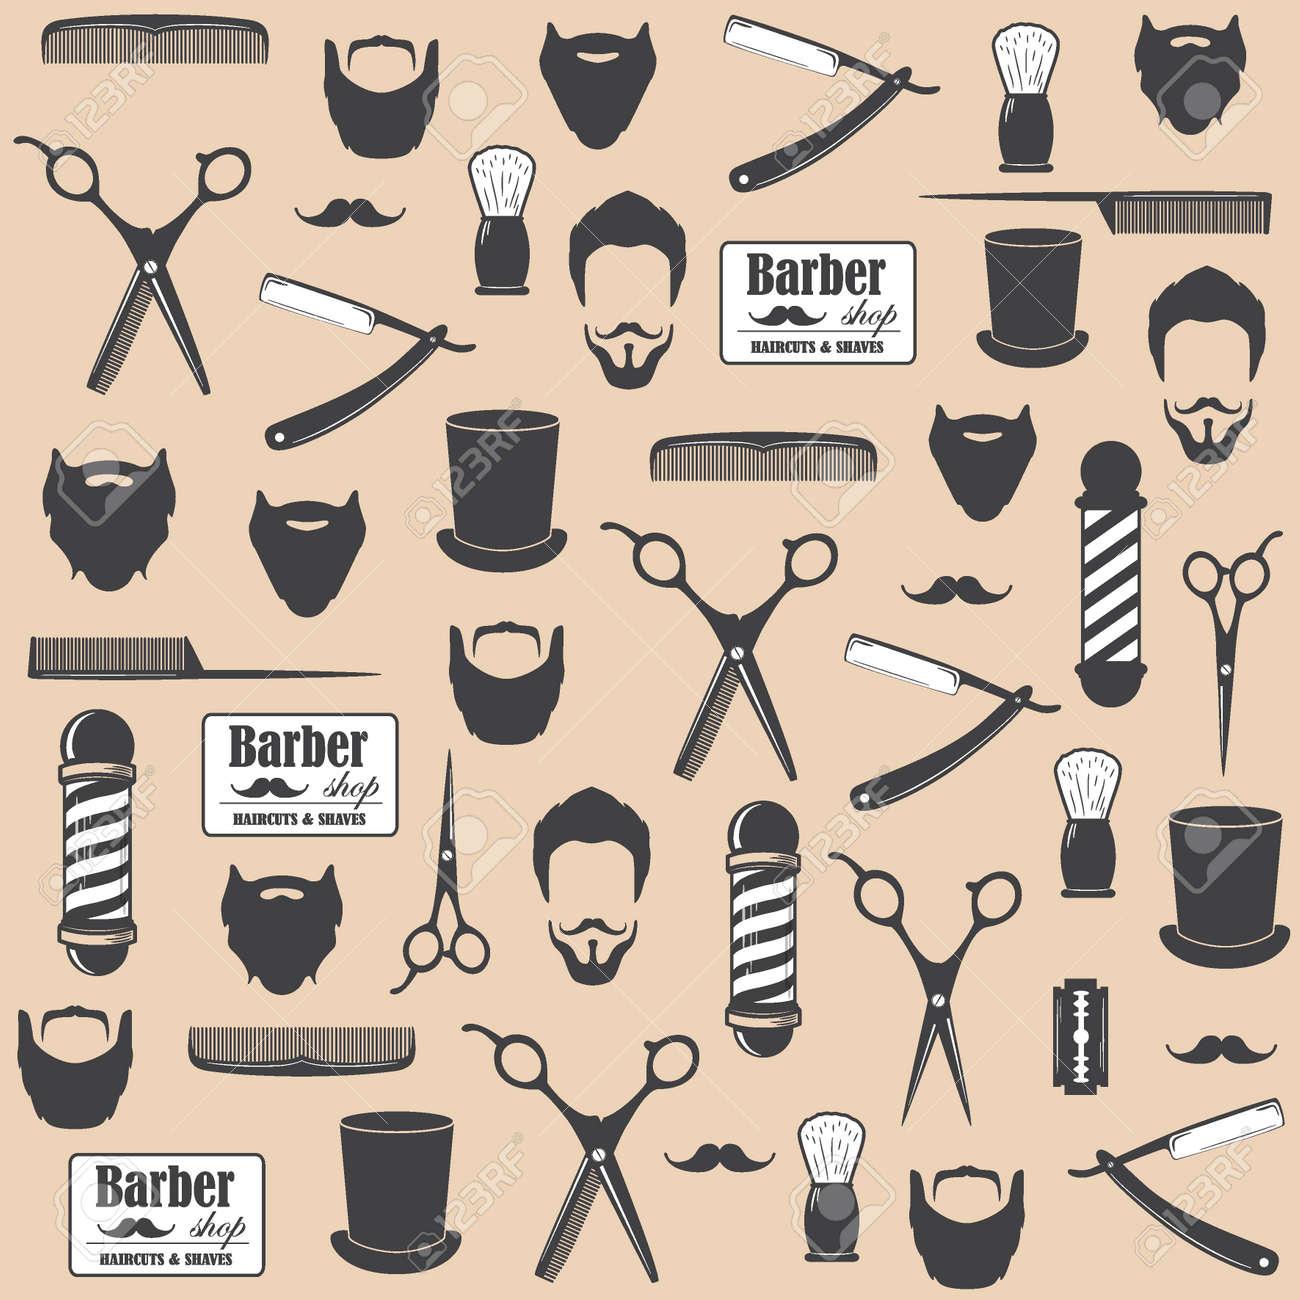 Barber Shop Vintage Seamless Pattern Decorative Wallpaper For